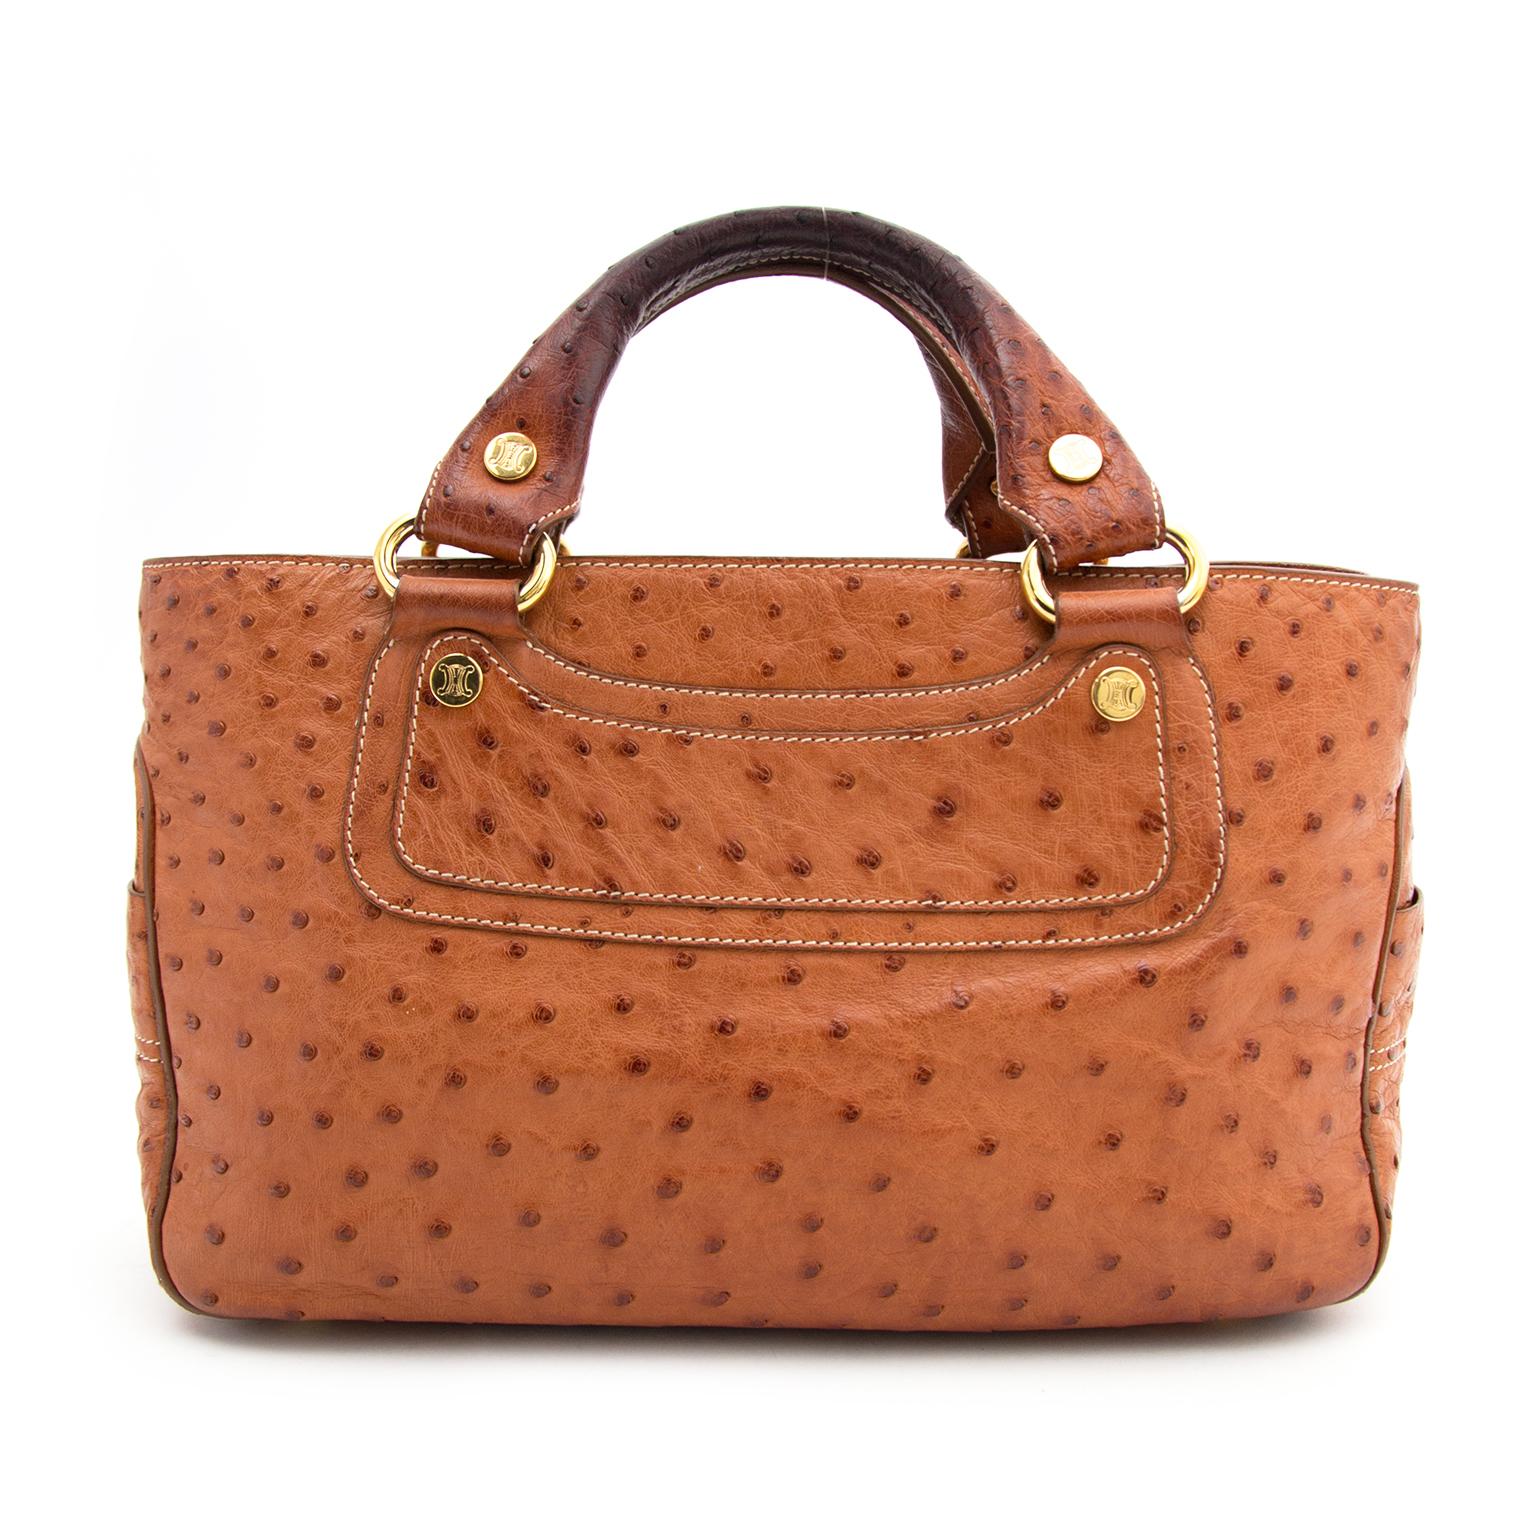 Acheter secur en ligne votre sac a mains en autruche Celine pour le meilleur prix